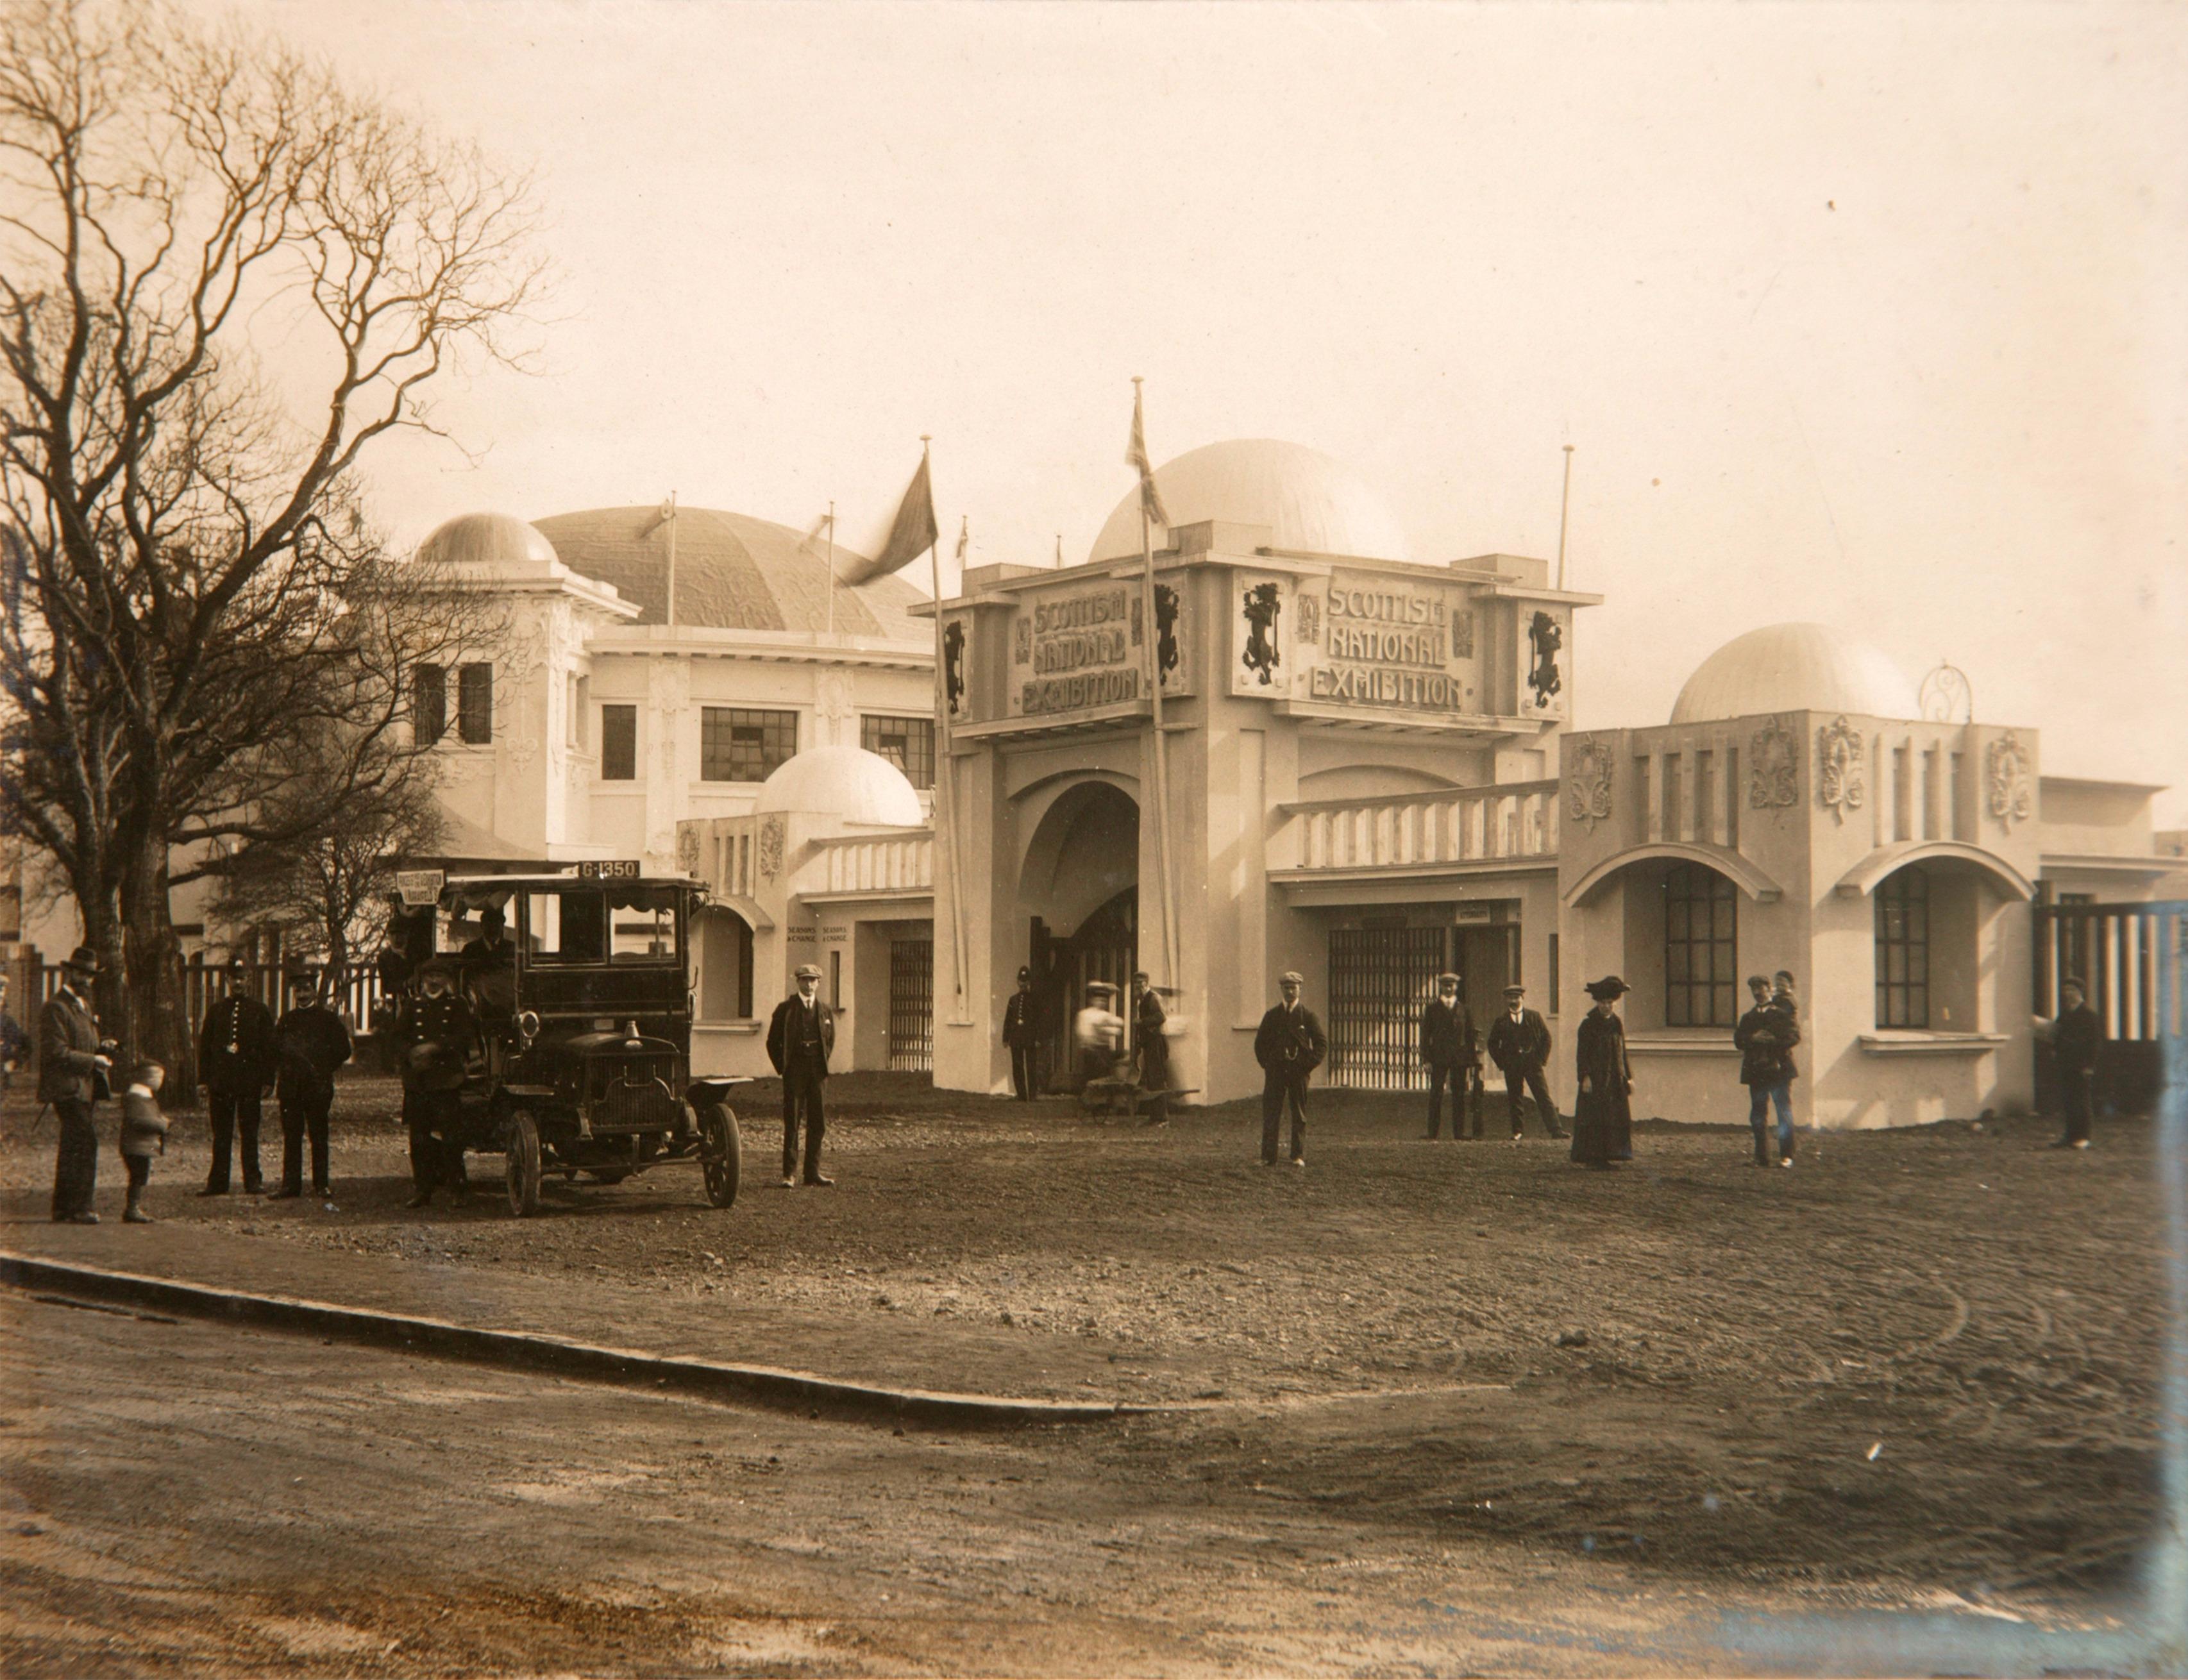 Scottish National Exhibition 1908 Entrance